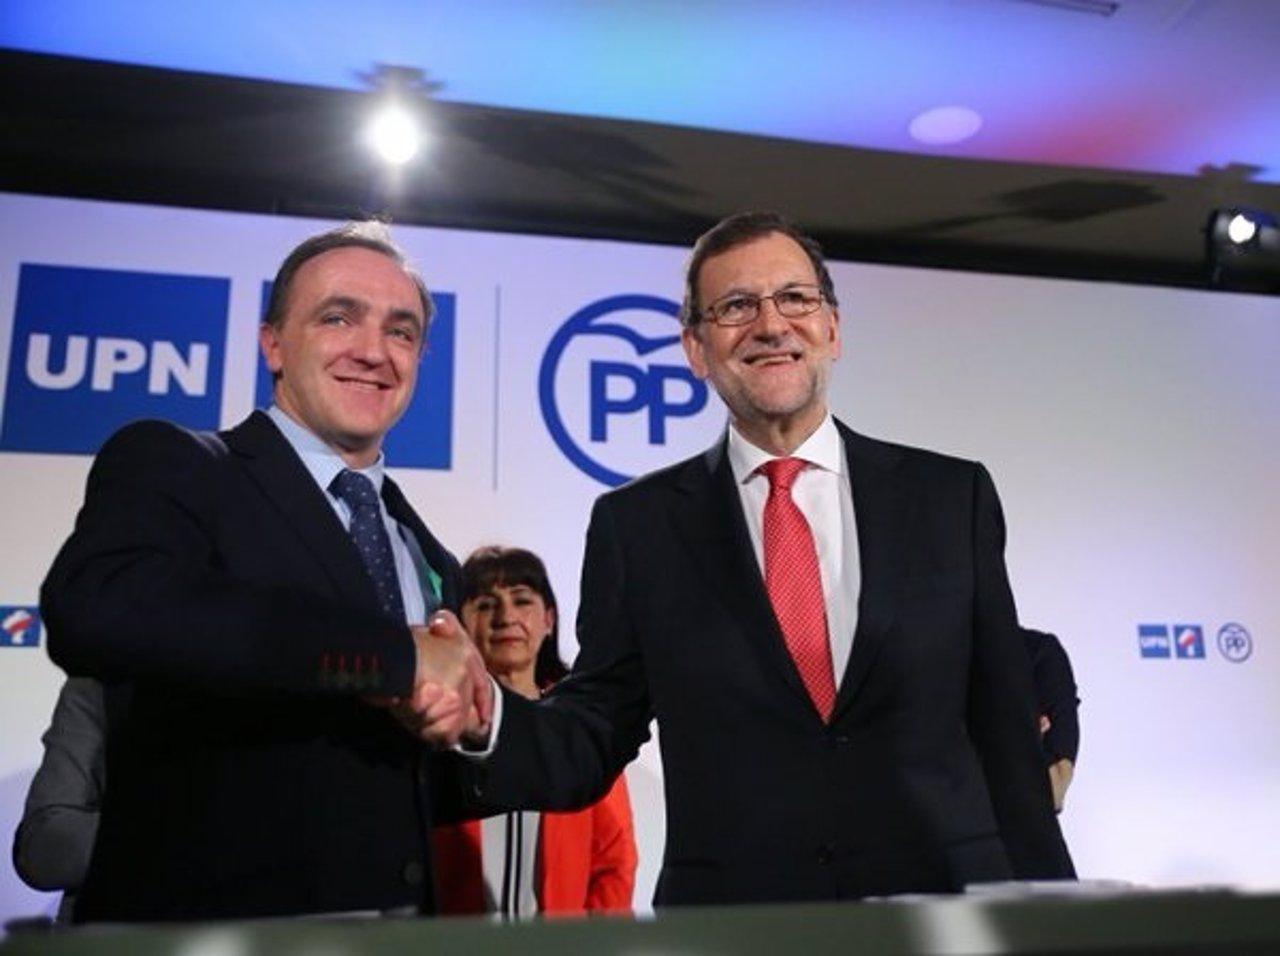 Rajoy y Esparza renuevan el acuerdo UPN-PP para ir en coalición a las elecciones